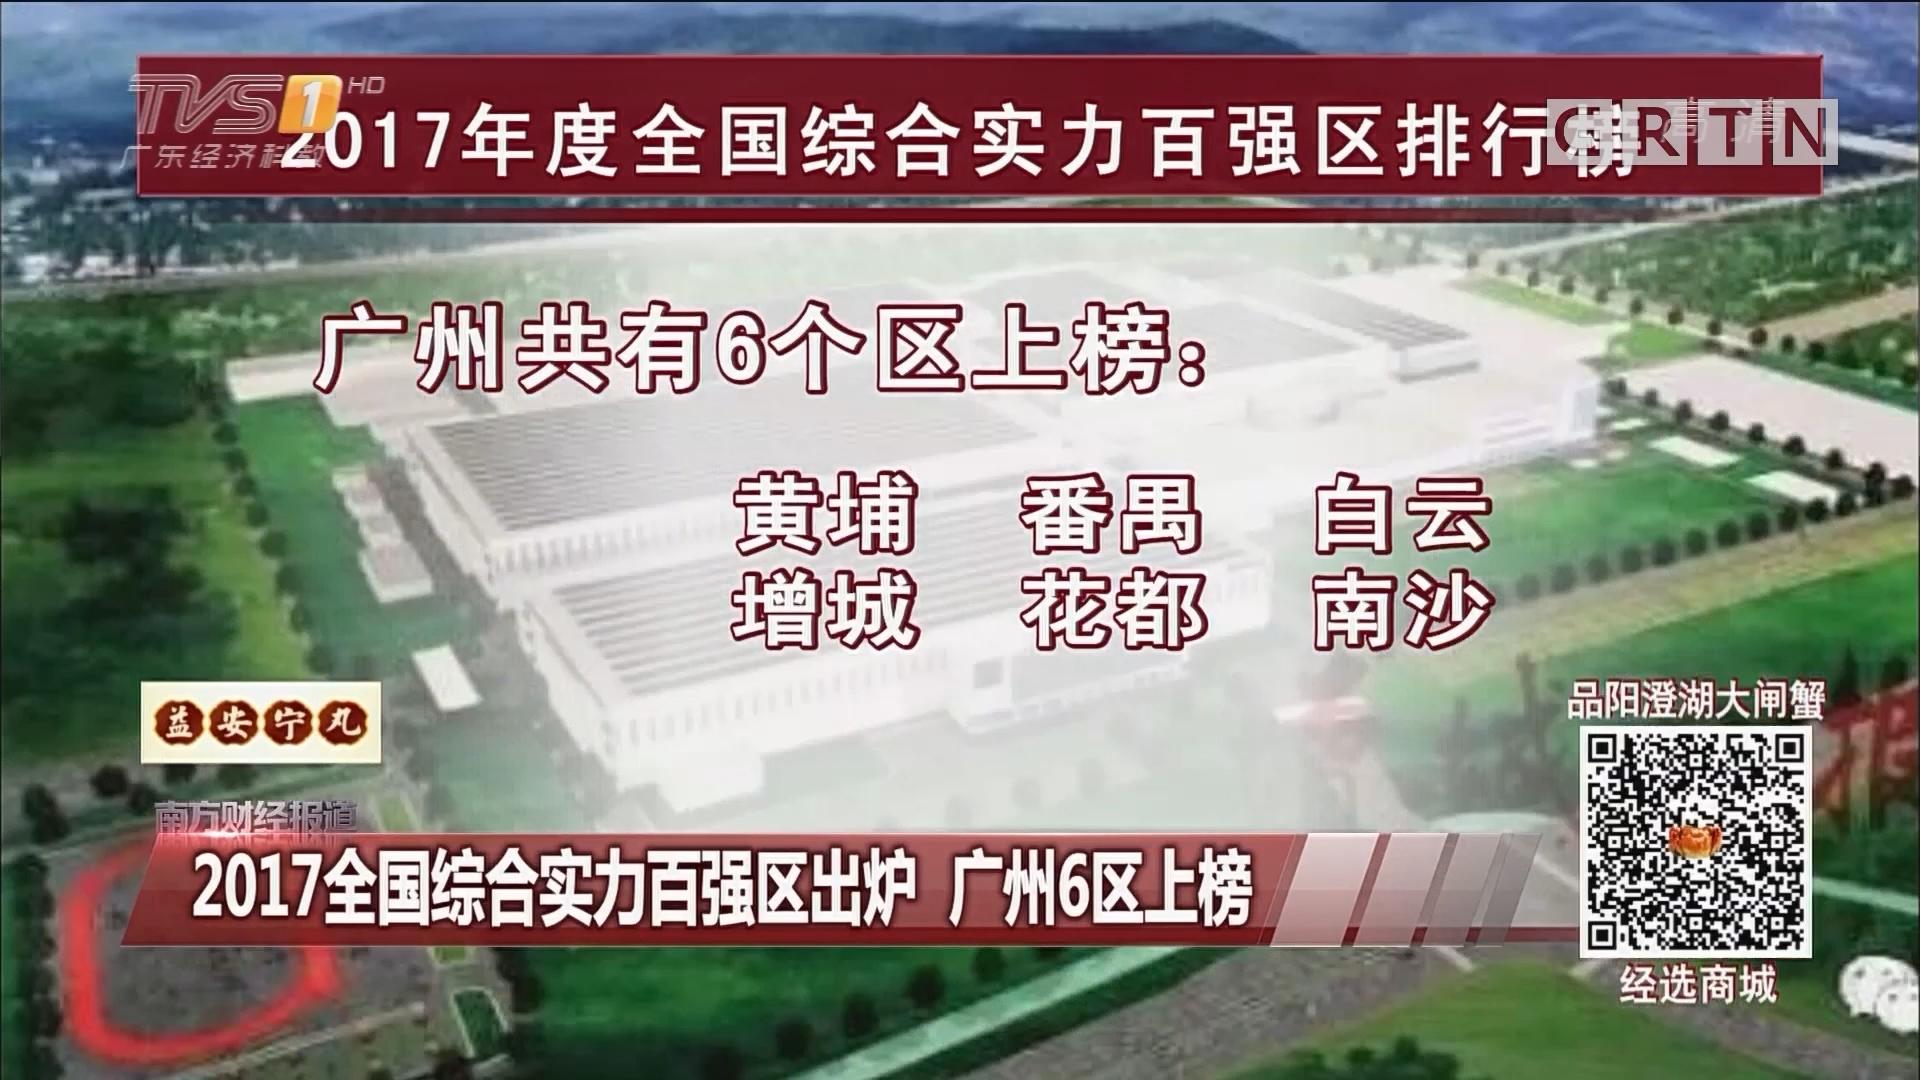 2017全国综合实力百强区出炉 广州6区上榜